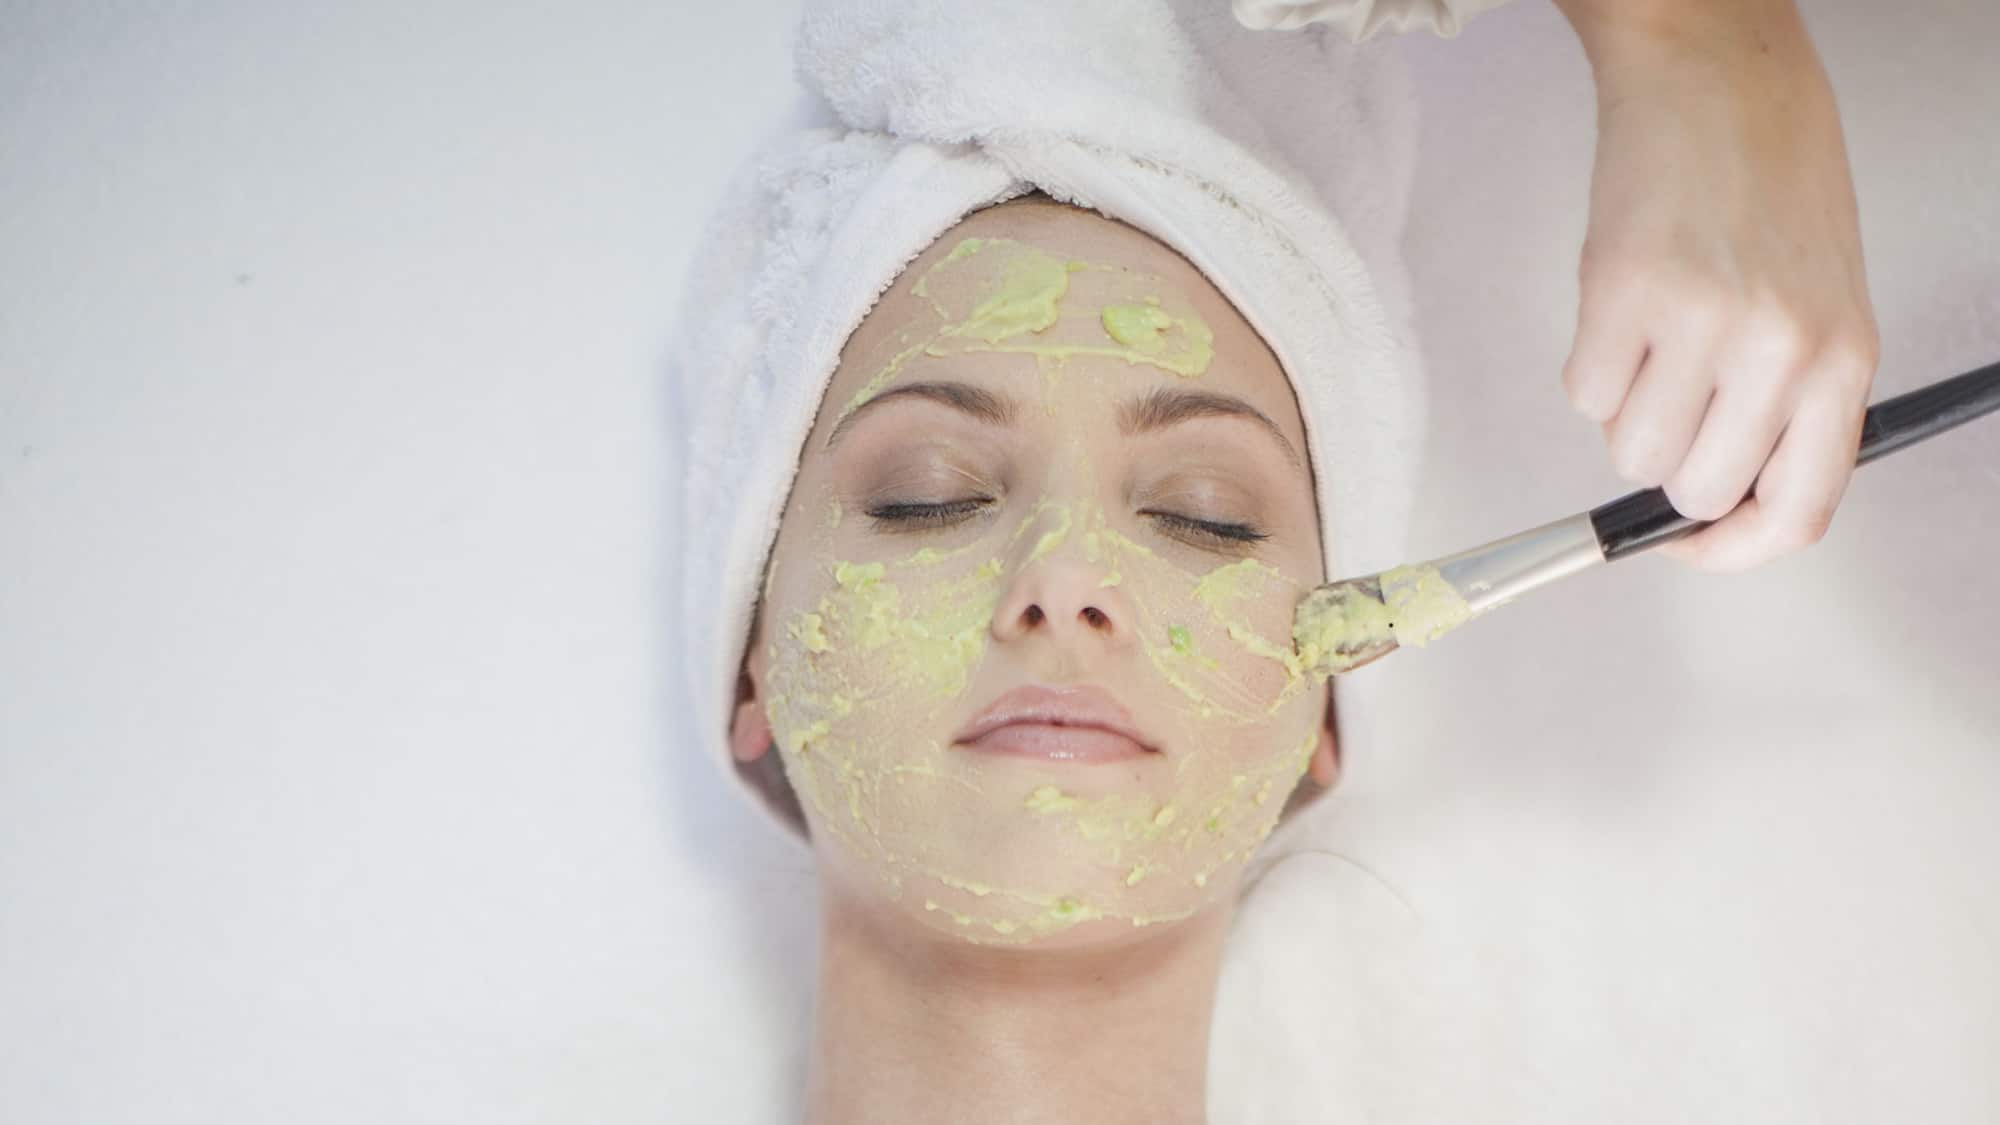 أفضل ماسك لتنظيف الوجه في البيت